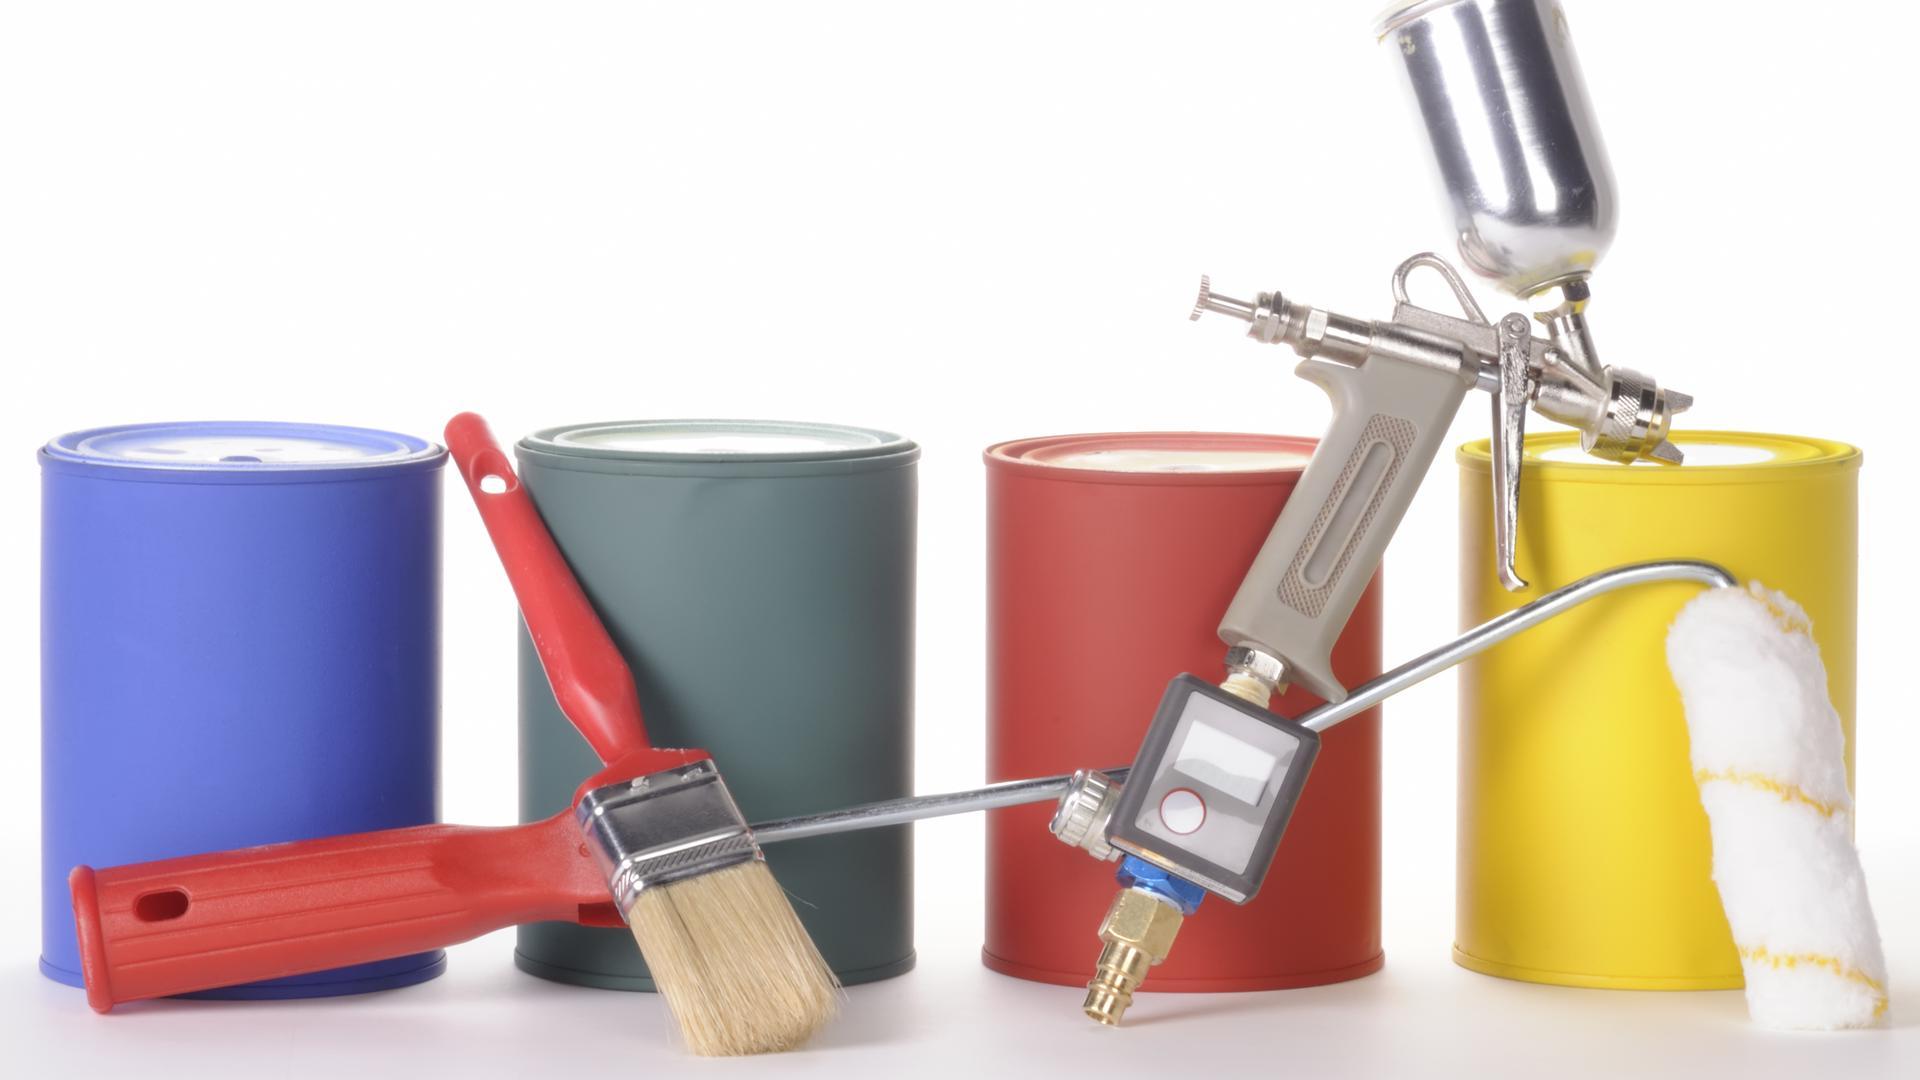 Materiales de construcci n en bilbao almacenes sevilla bilbao - Materiales de construccion sevilla ...